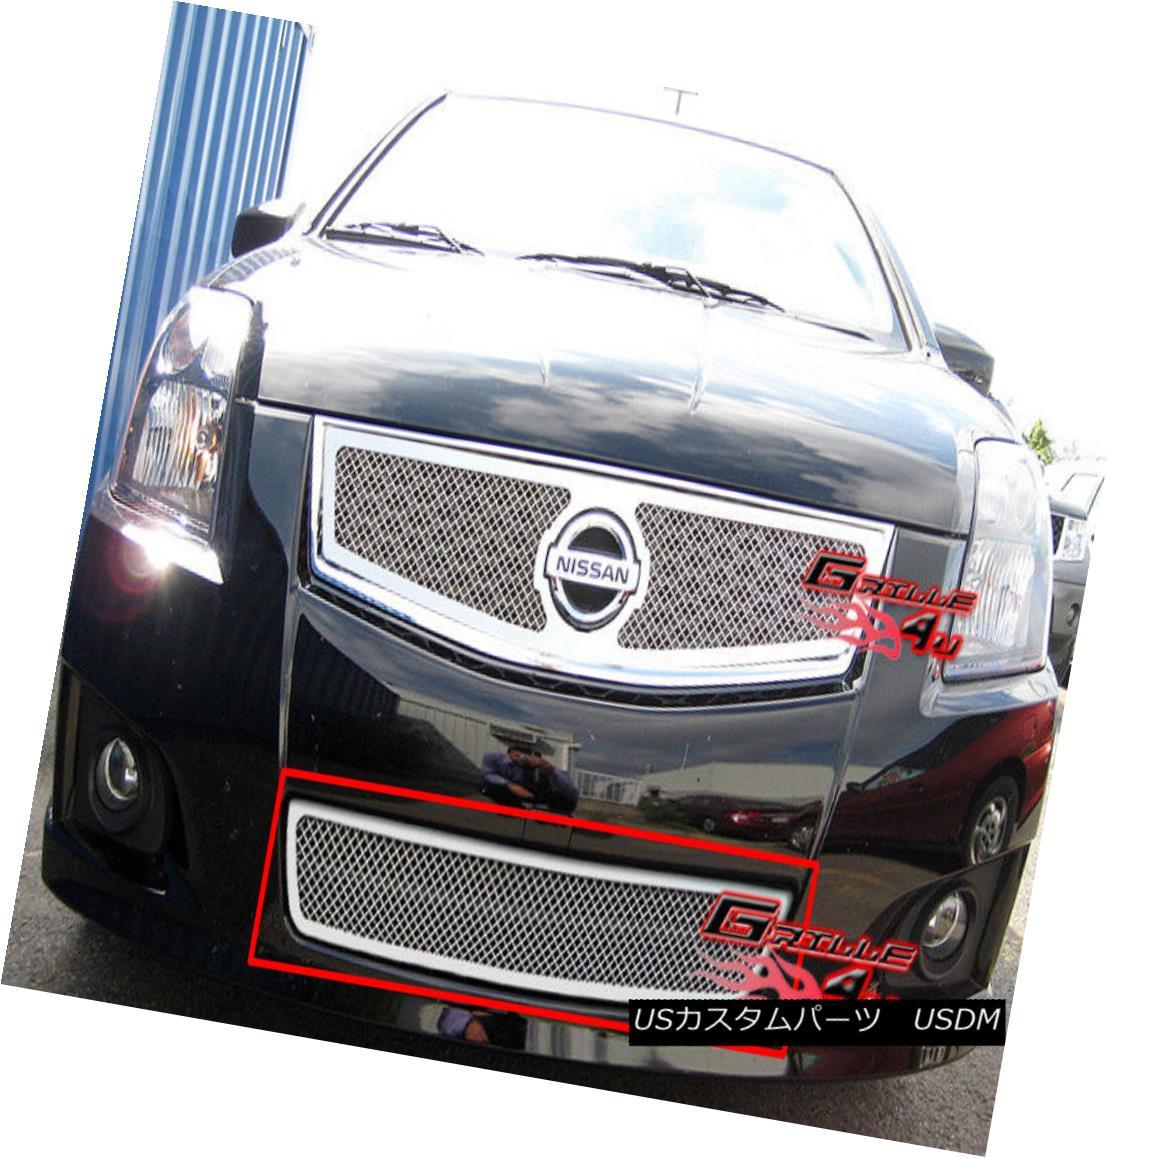 グリル Fits 07-10 Nissan Sentra SE-R Stainless Lower Bumper Mesh Grille フィット07-10日産セントラSE-Rステンレスロワーバンパーメッシュグリル